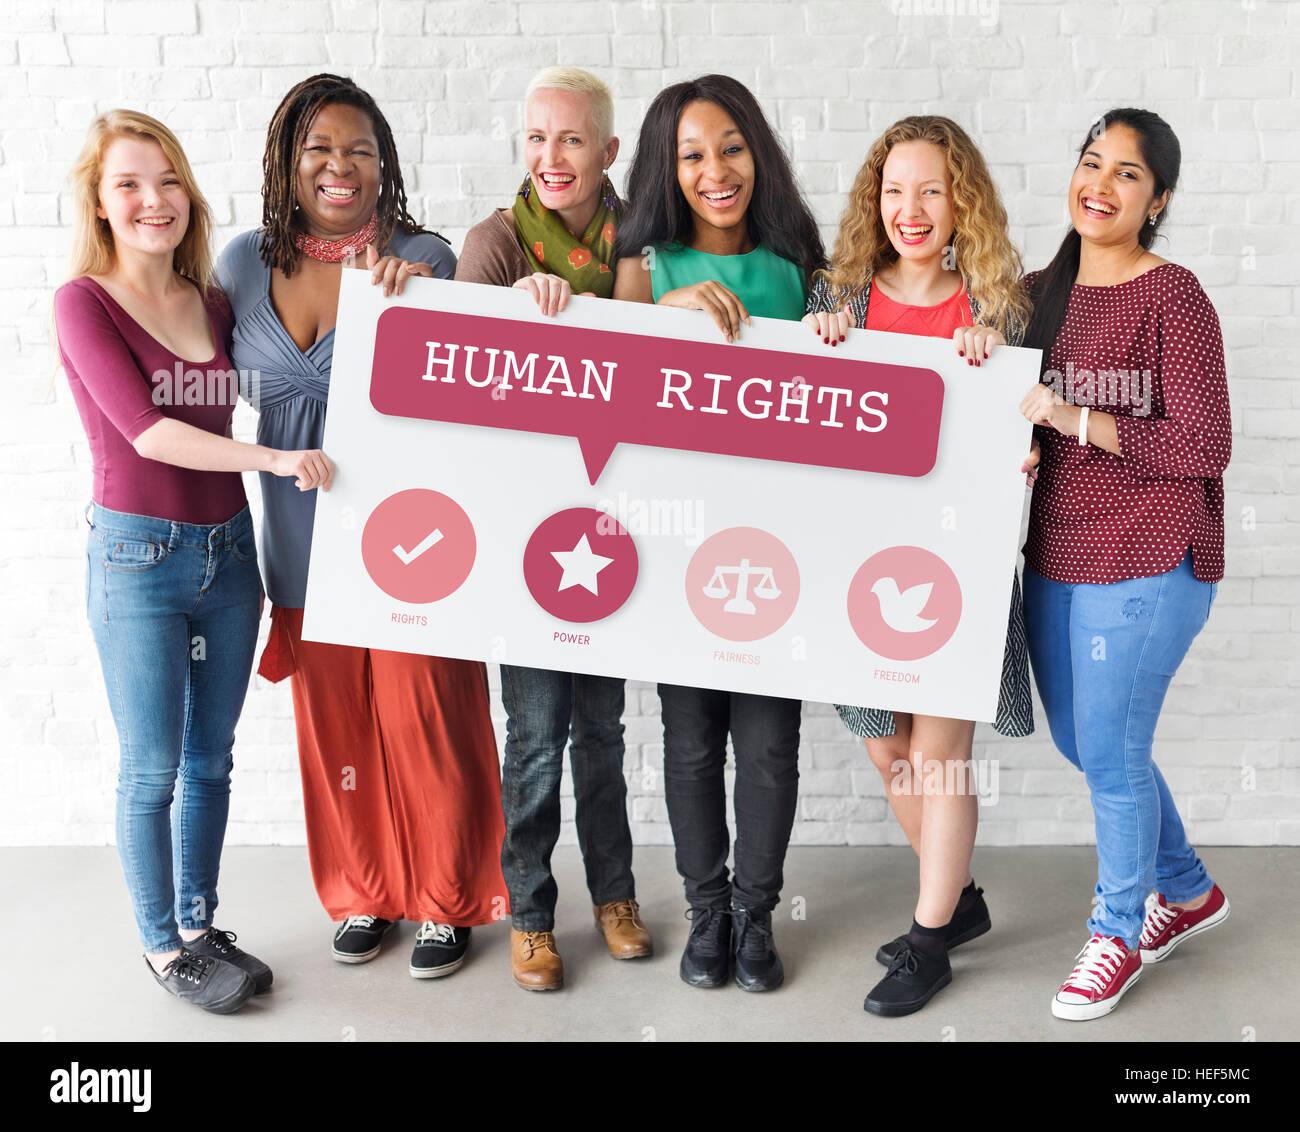 L'égalité des chances Droits des Femmes Féminisme Équité Concept Photo Stock